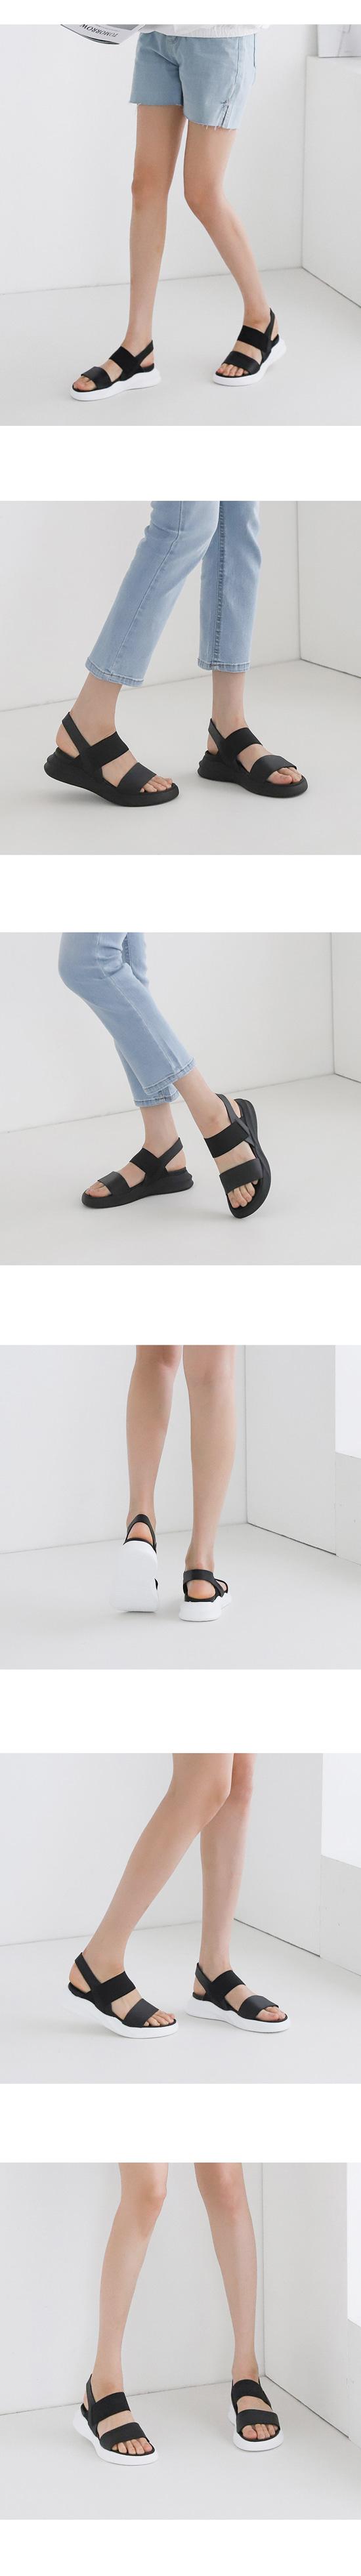 Couple Shoes Banding Cushioning Flat Sandals White